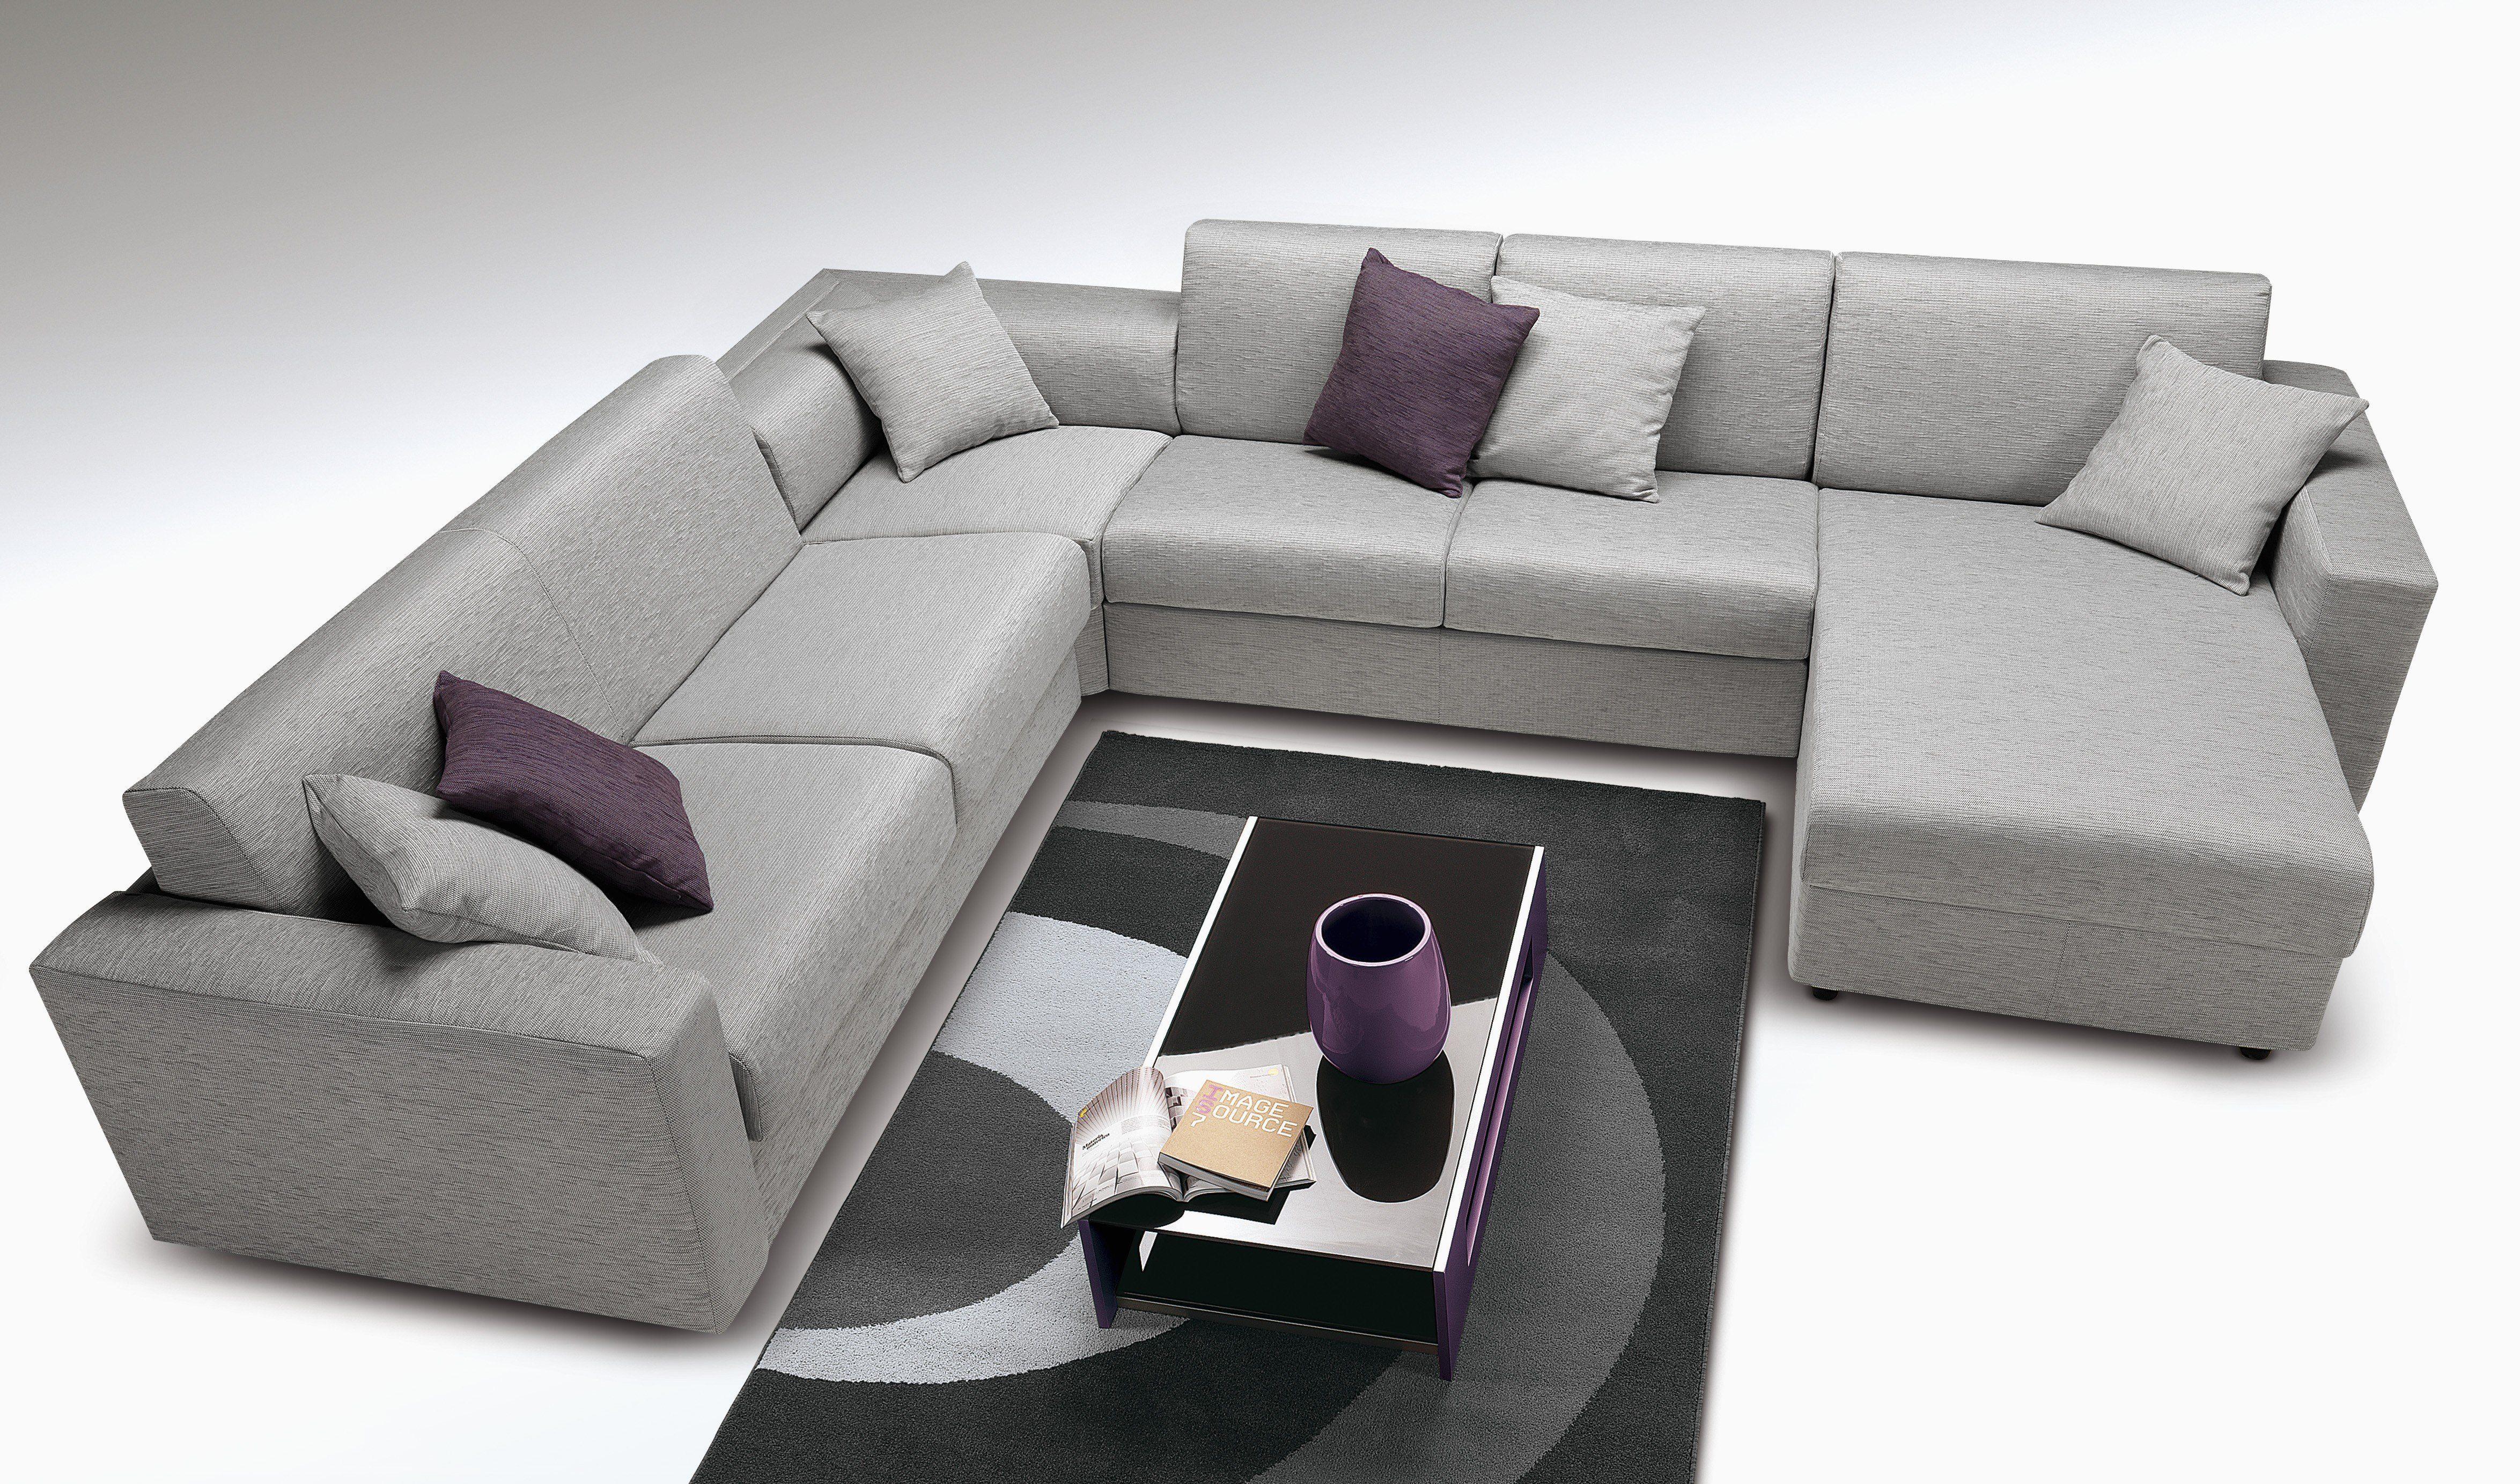 Lit En Fer forgé Ikea Génial Canapé Ikea Convertible 45 Meilleures Petit Canape Cuir 2 Places